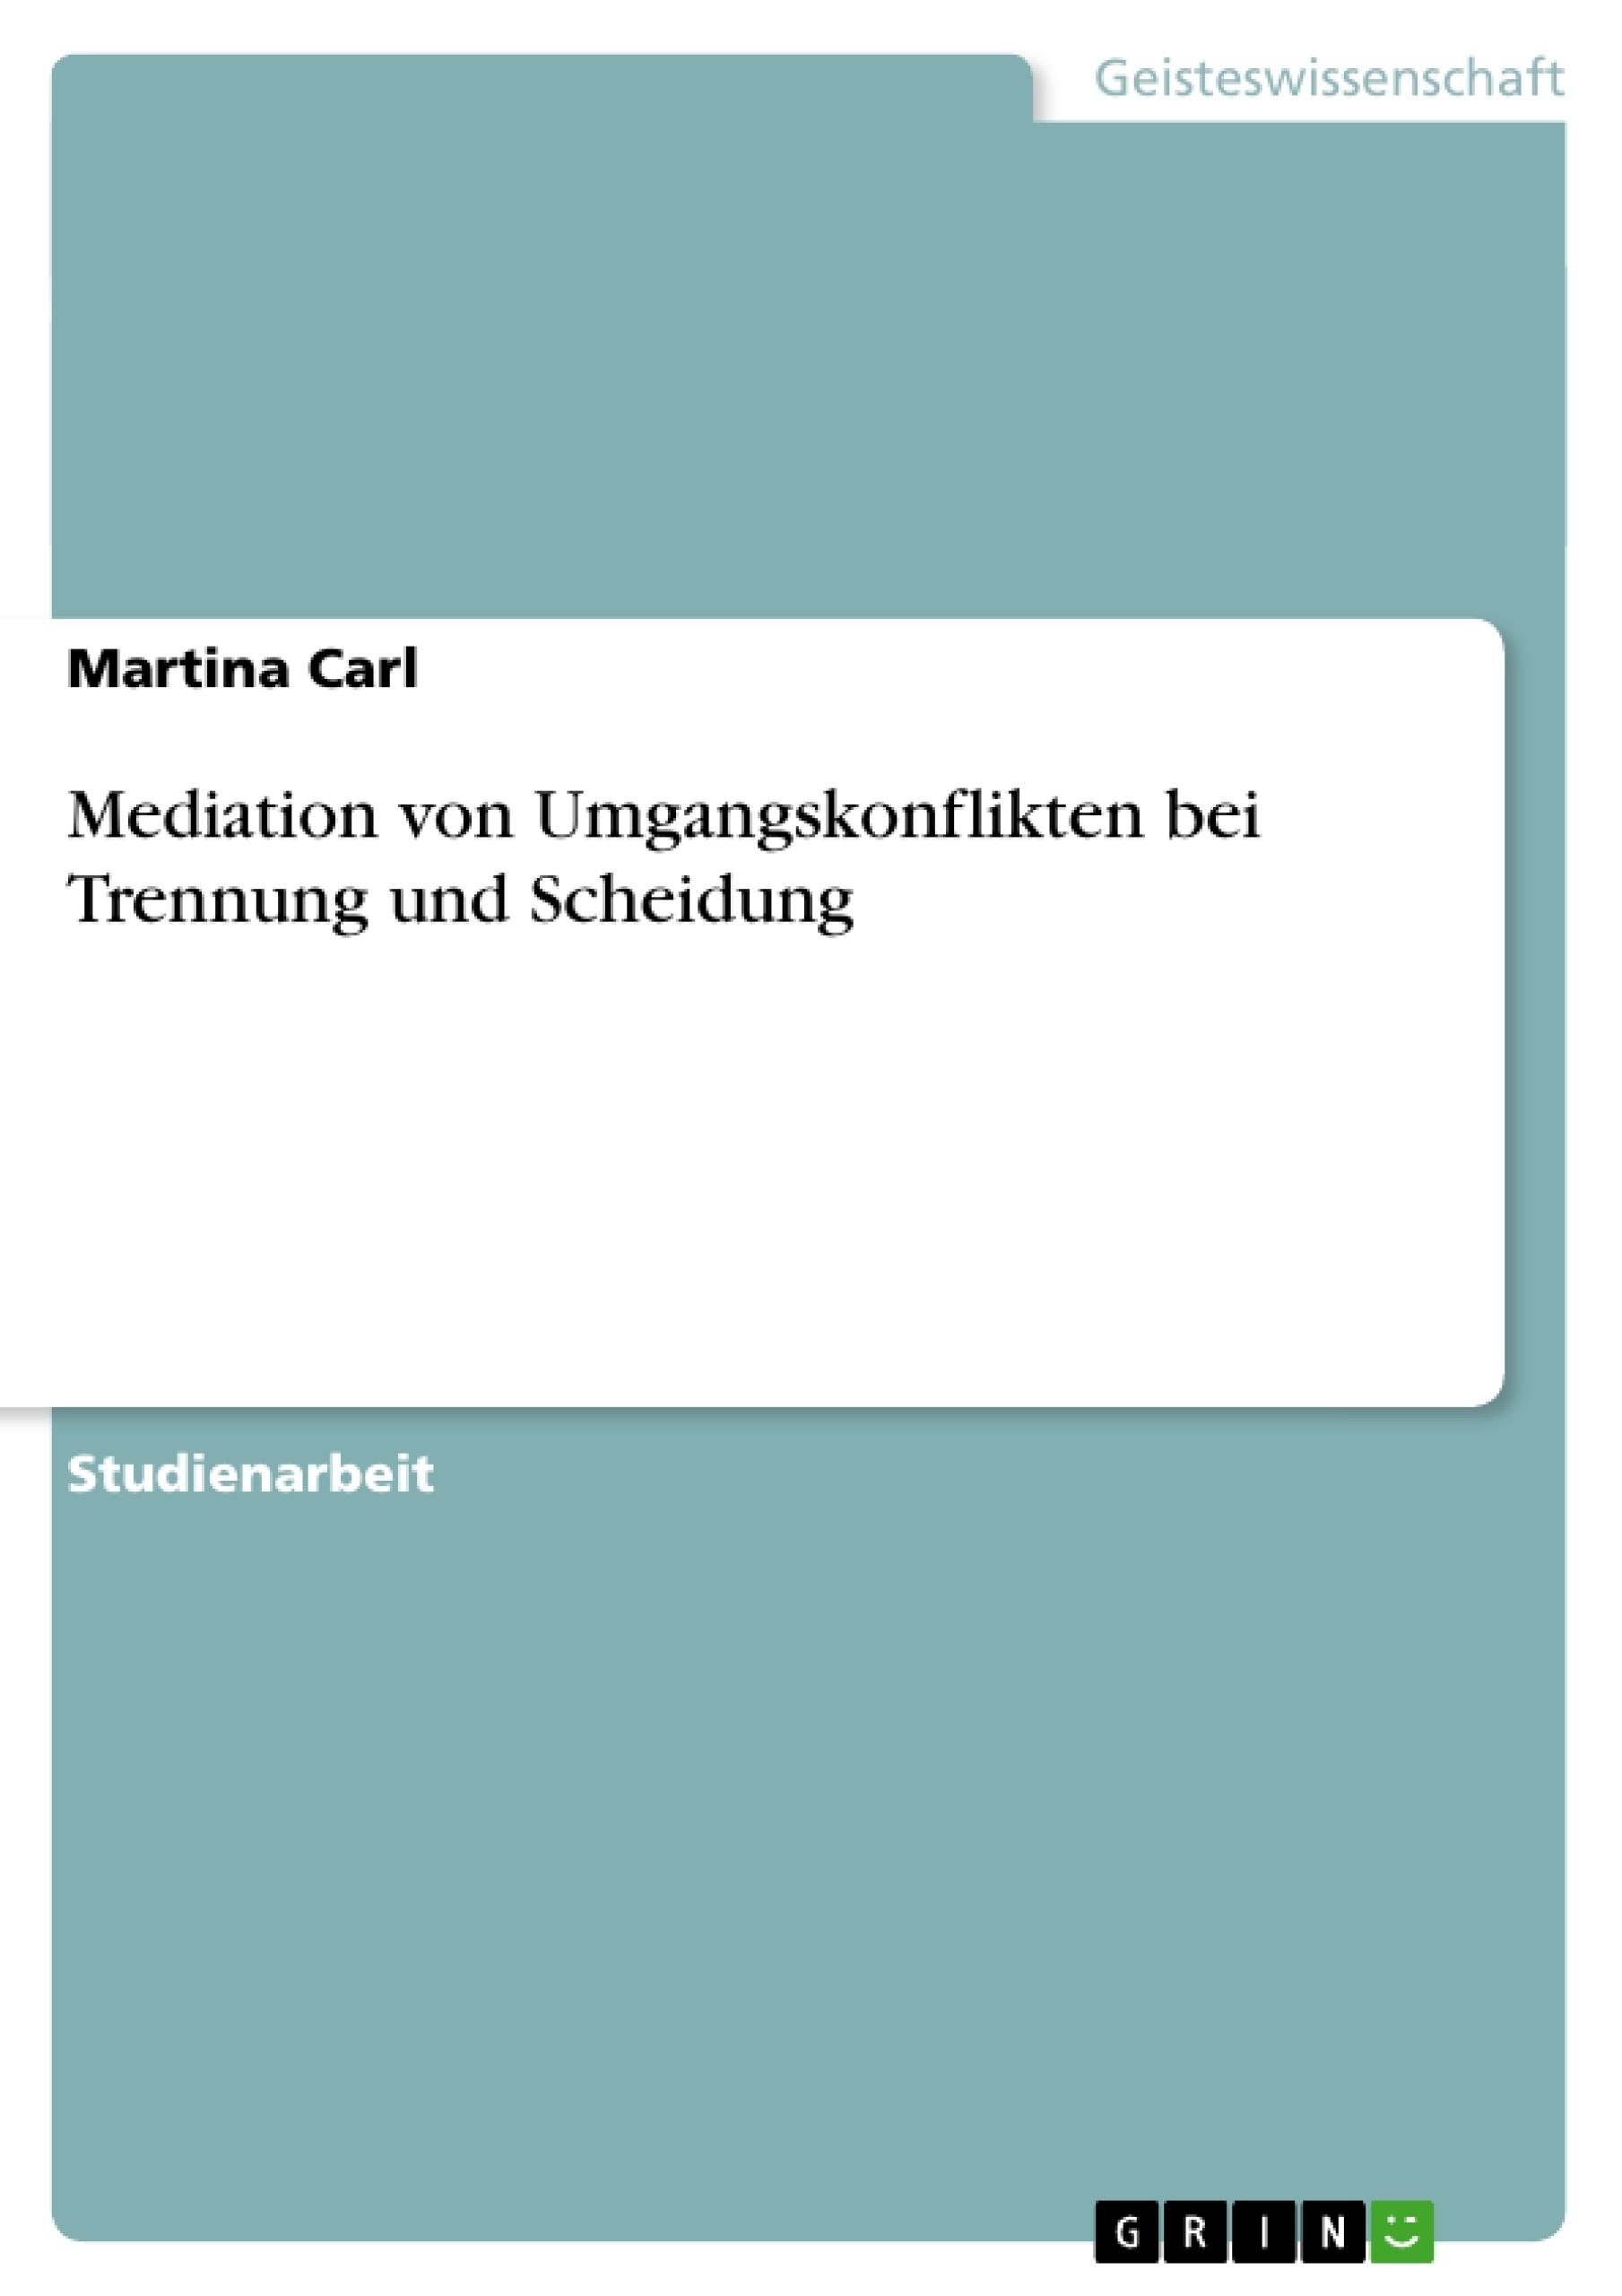 Titel: Mediation von Umgangskonflikten bei Trennung und Scheidung